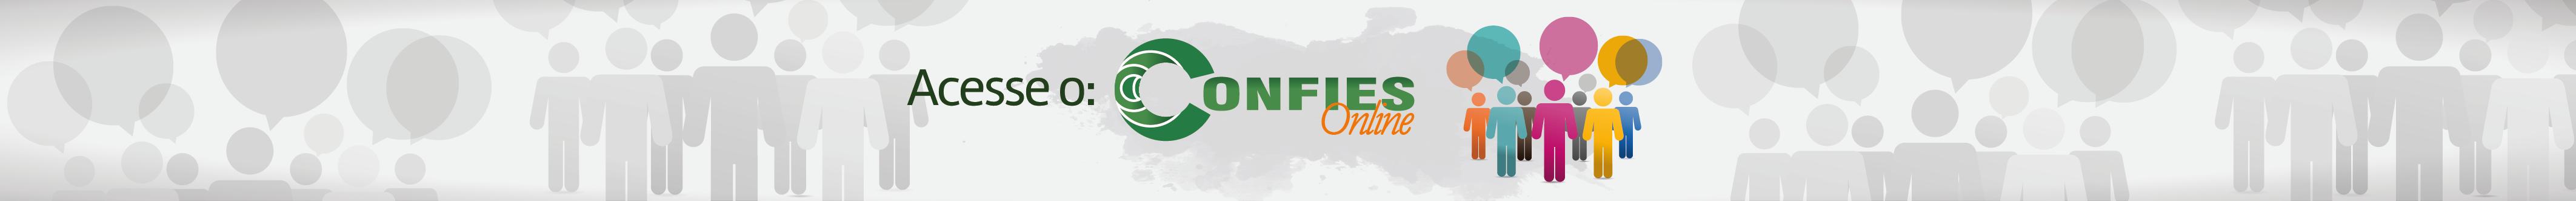 banner_confies_online-01